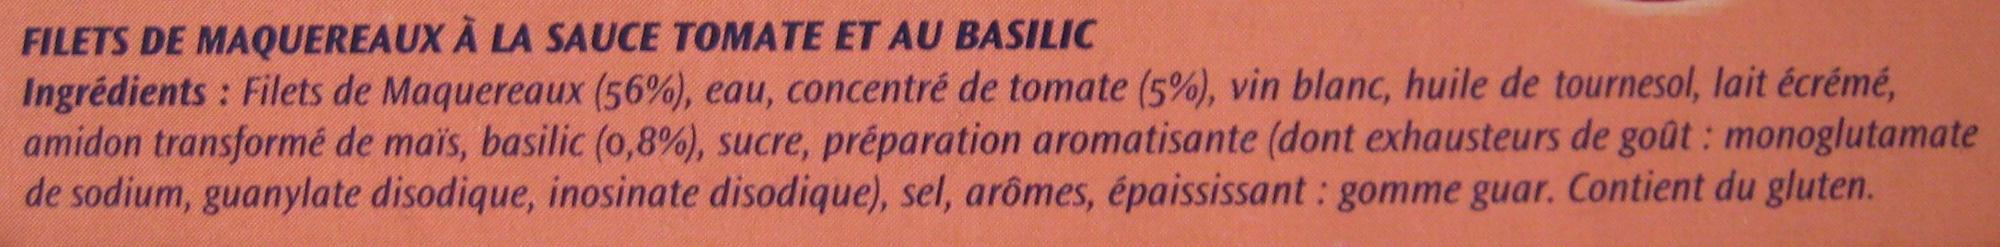 Filets de Maquereaux (Sauce Tomate et Basilic) Lot de 3 - Ingrediënten - fr